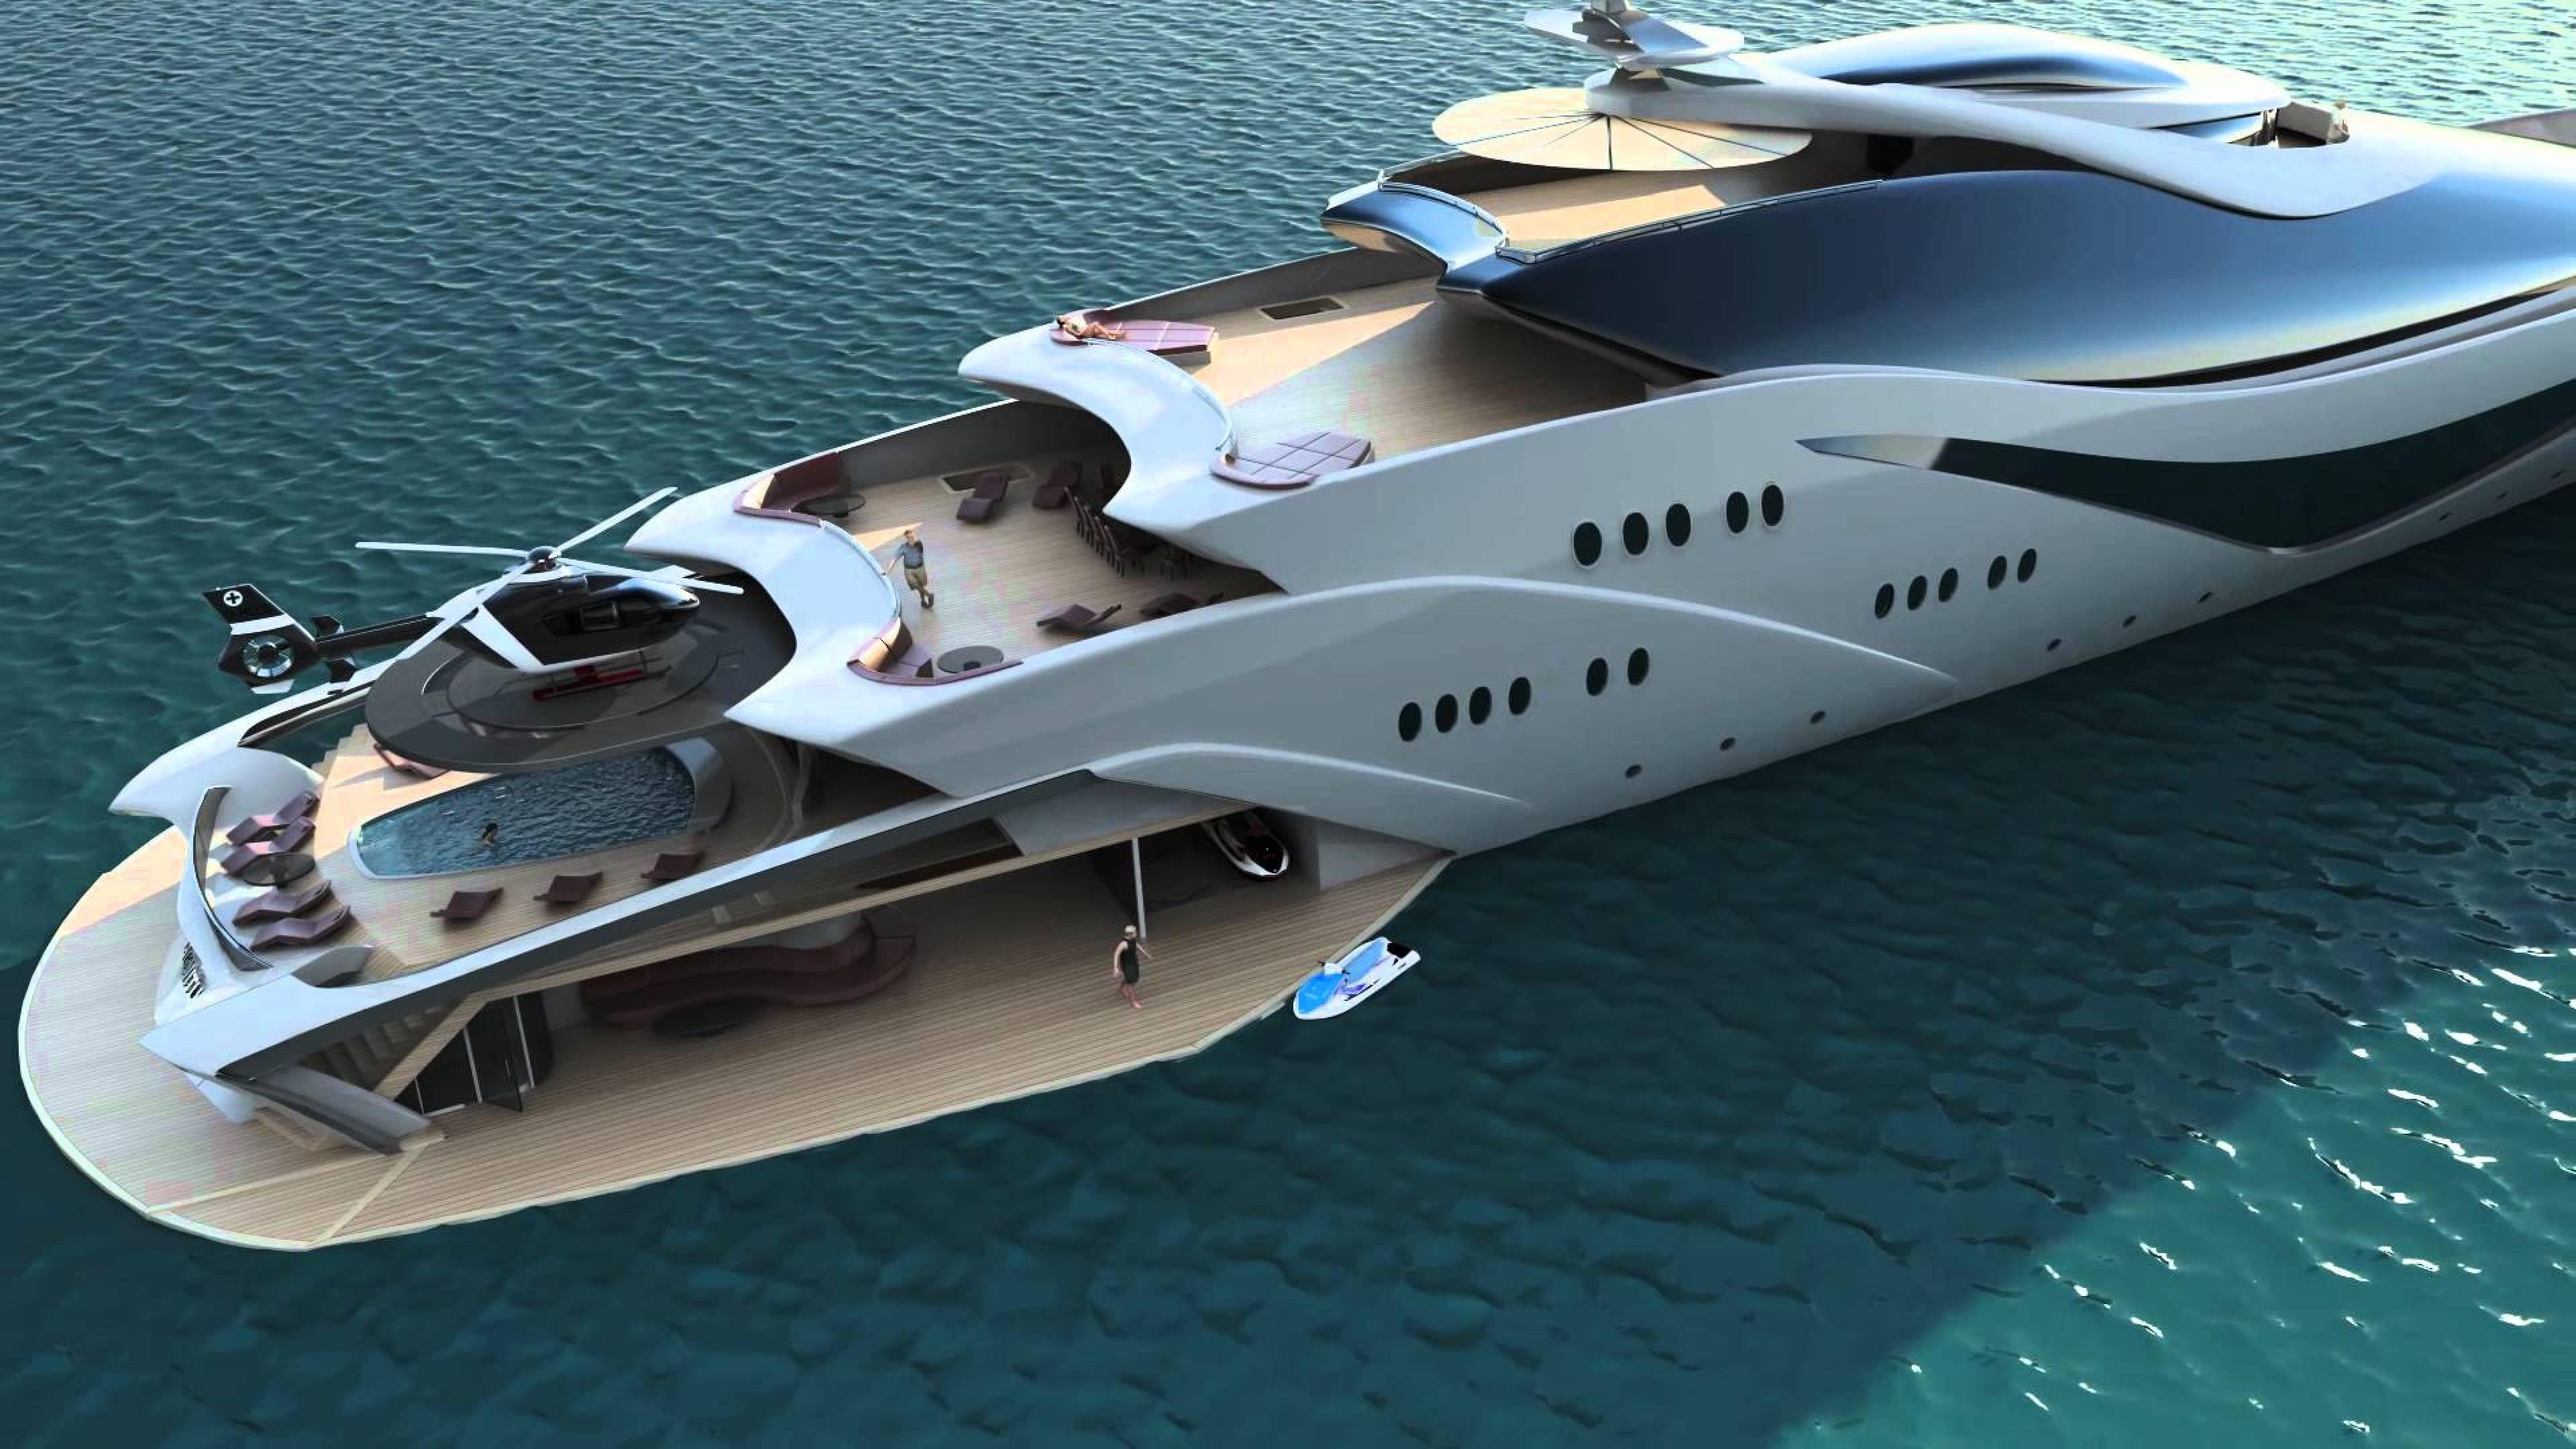 Yacht Luxury Hd Wallpaper Wallpapers Trend